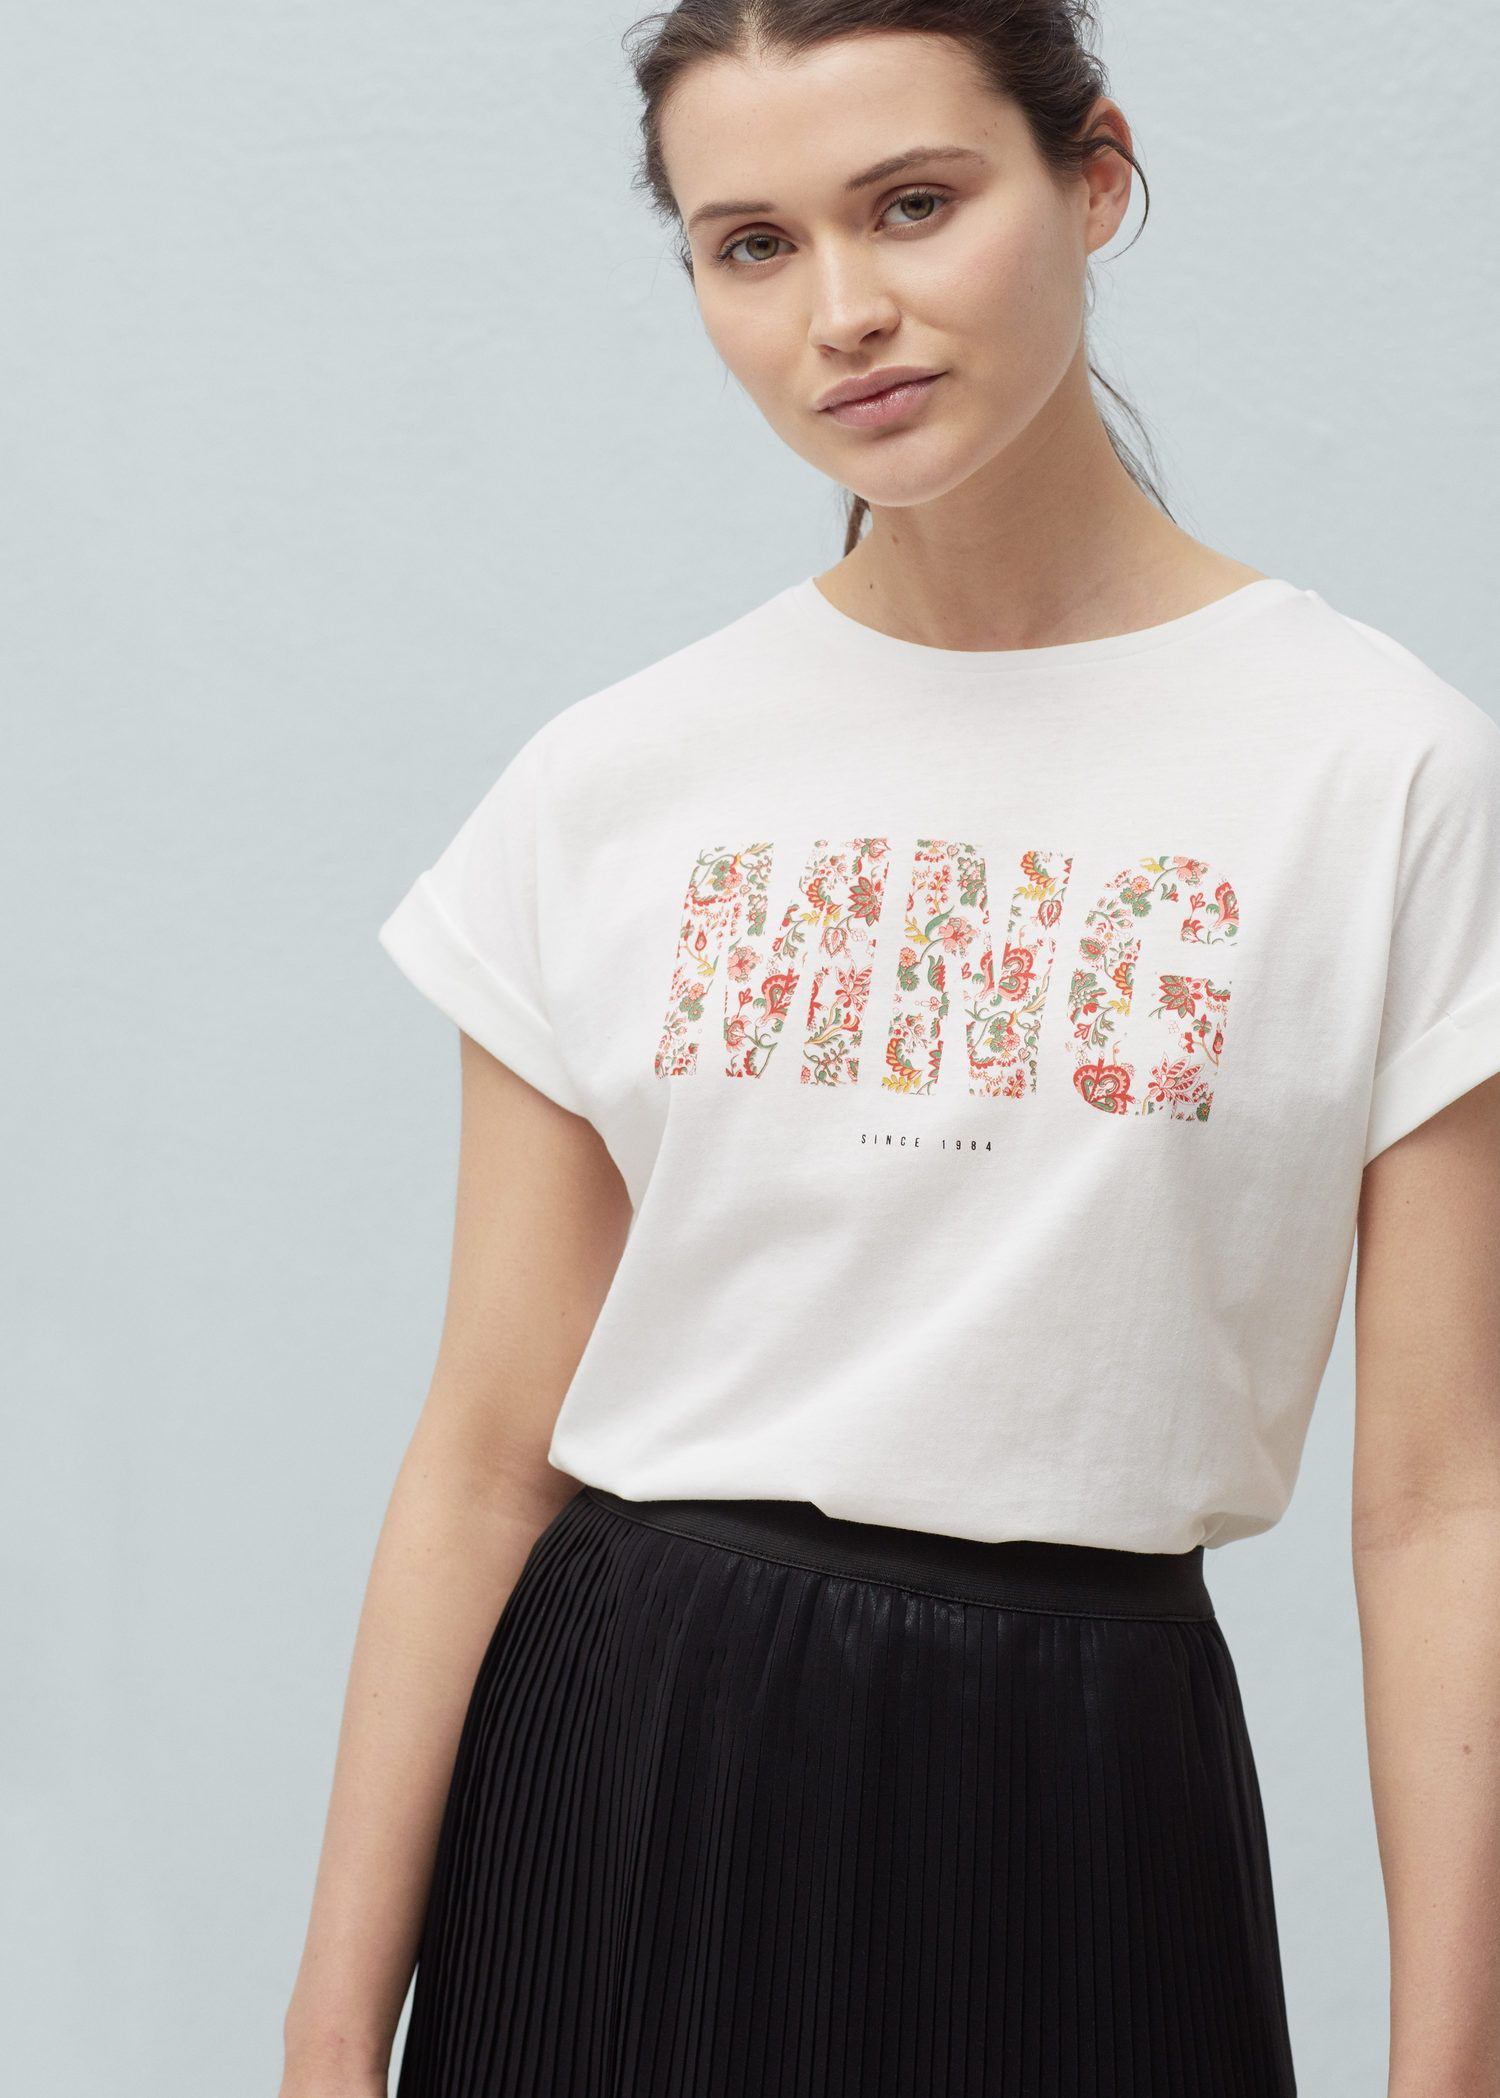 Camiseta algodón estampado - Camisetas de Mujer  787f5fd617a2e